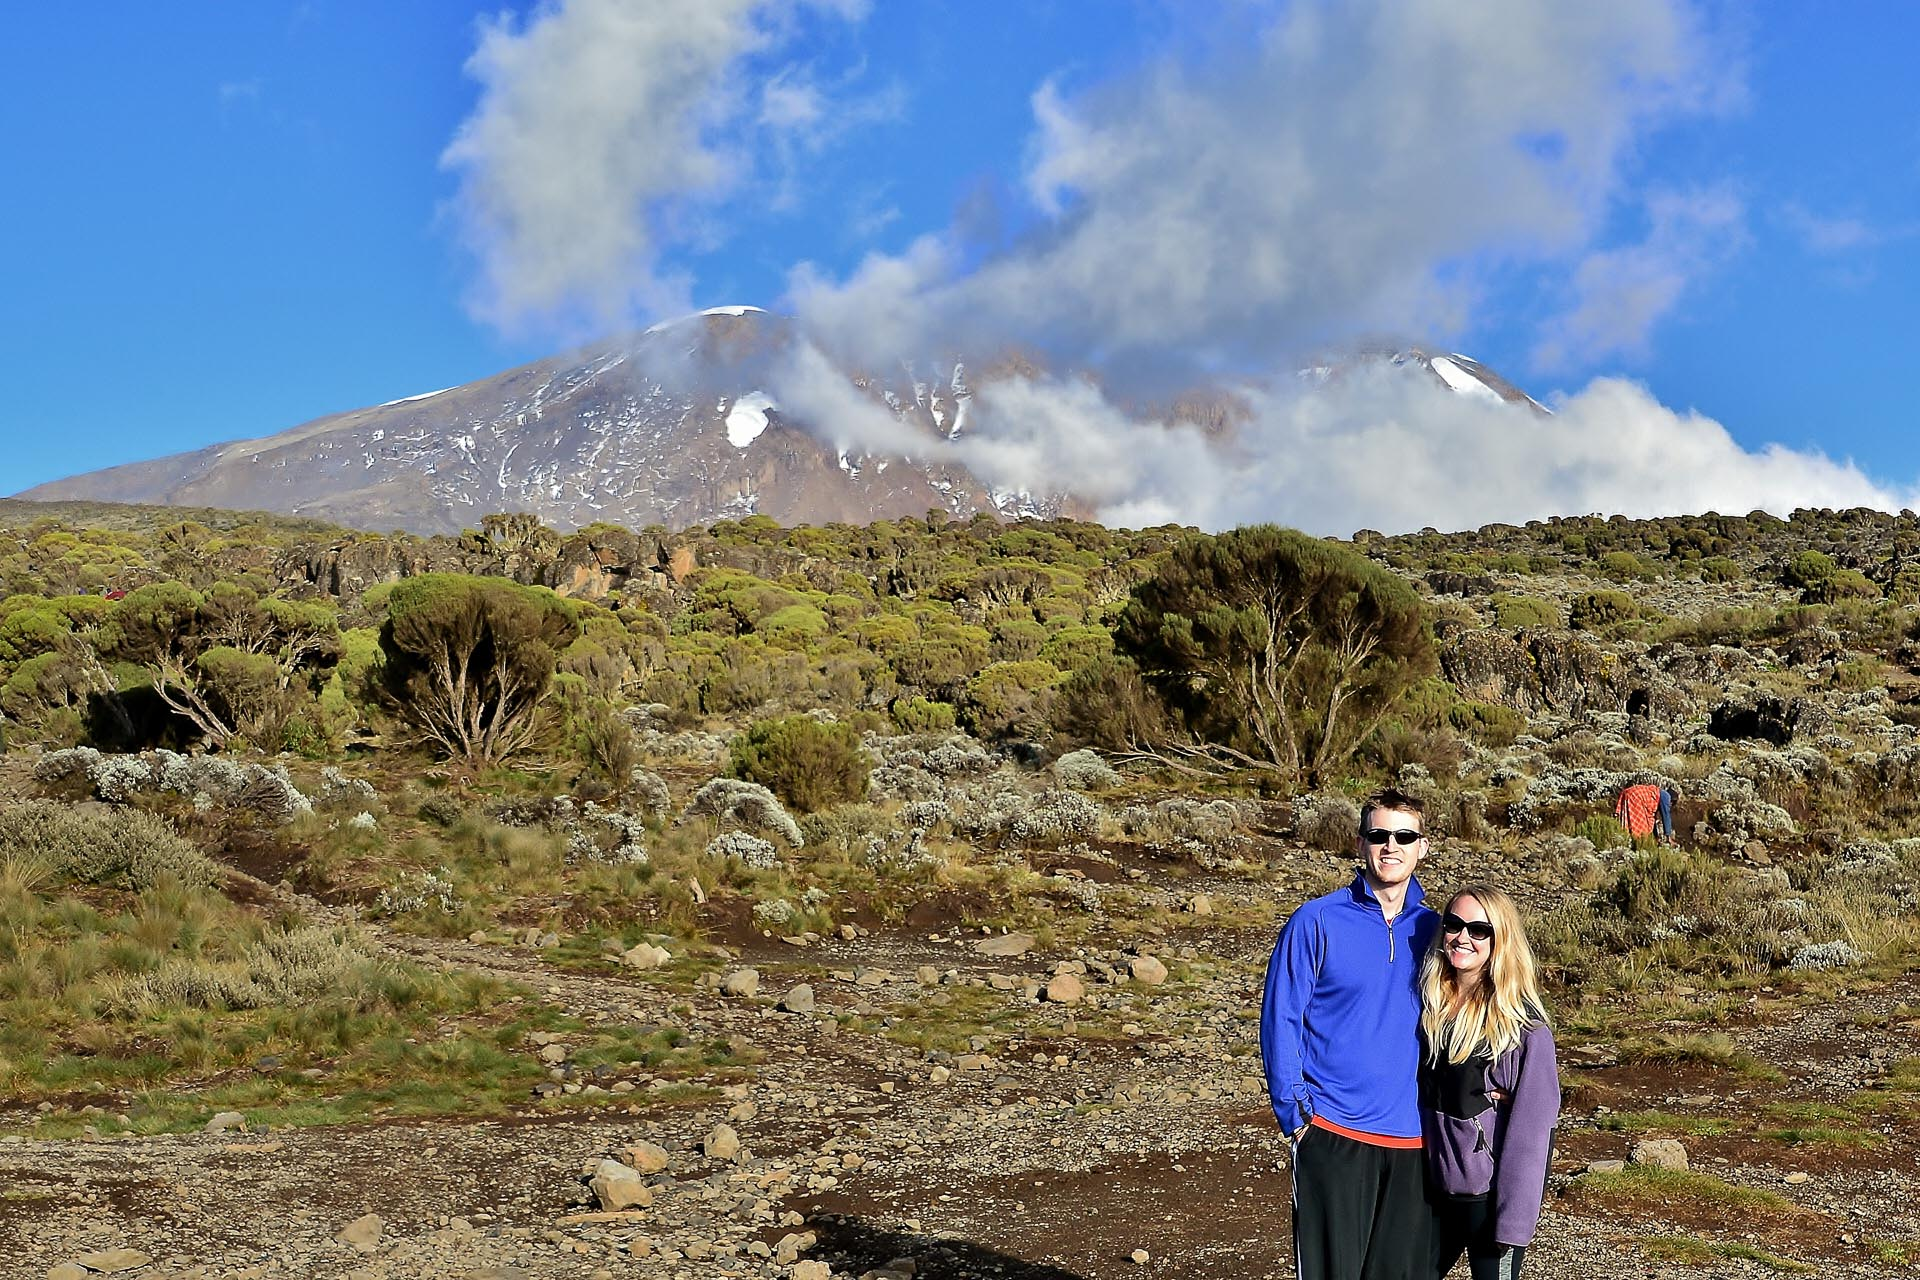 Mt. Killimanjaro